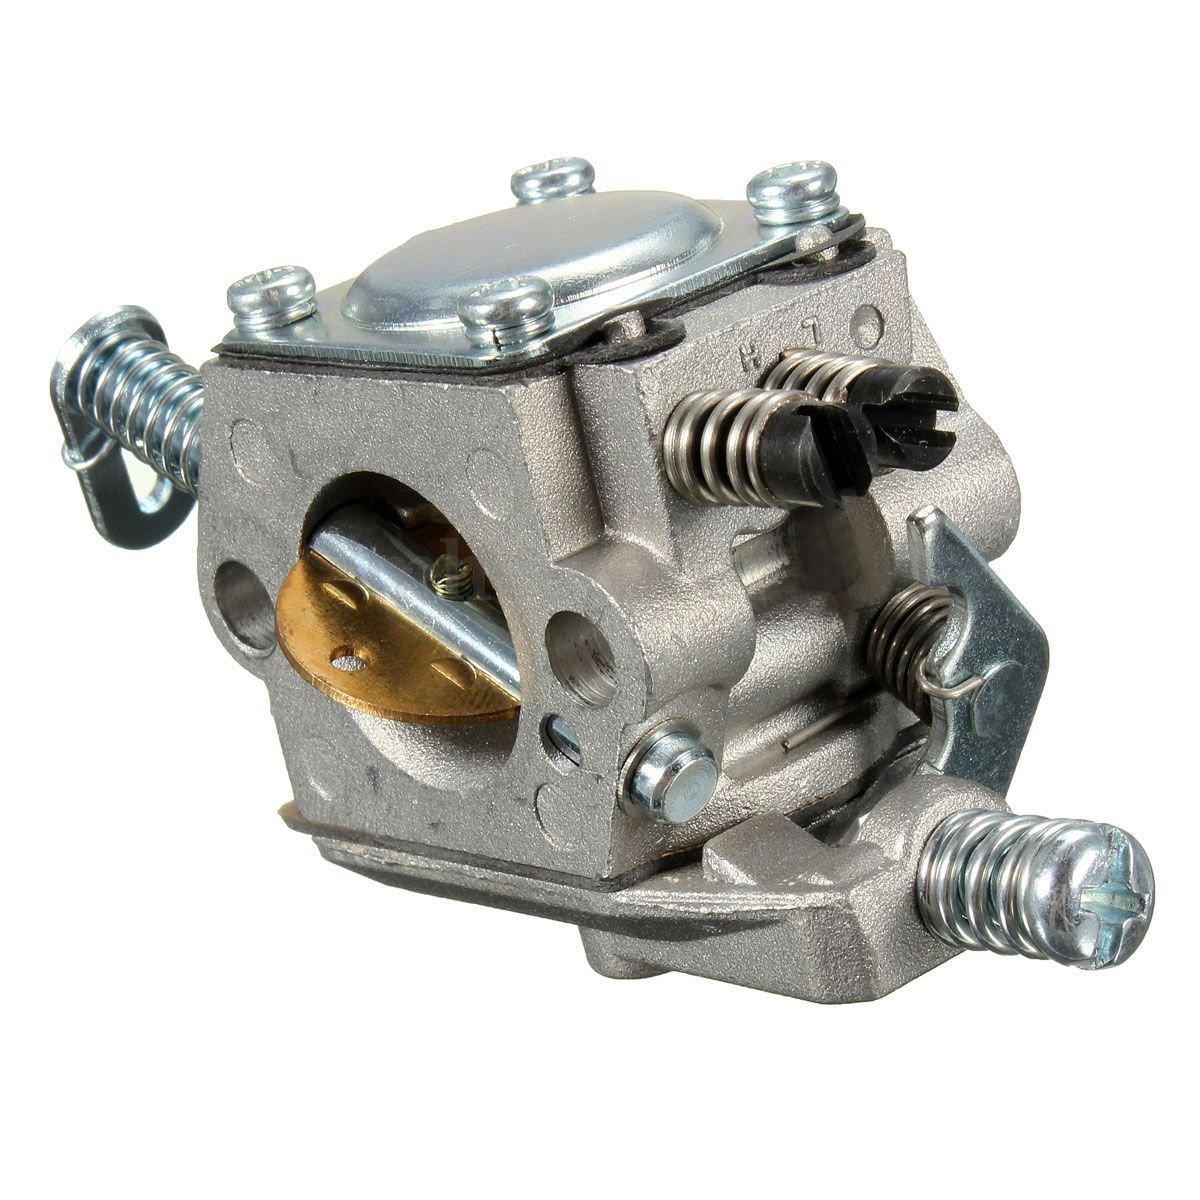 Carburador - TOOGOO(R)Carb carburador Para STIHL 025 023 021 MS250 MS230 reemplazo de motosierra zama walbro de color de plata SPAGMA46464